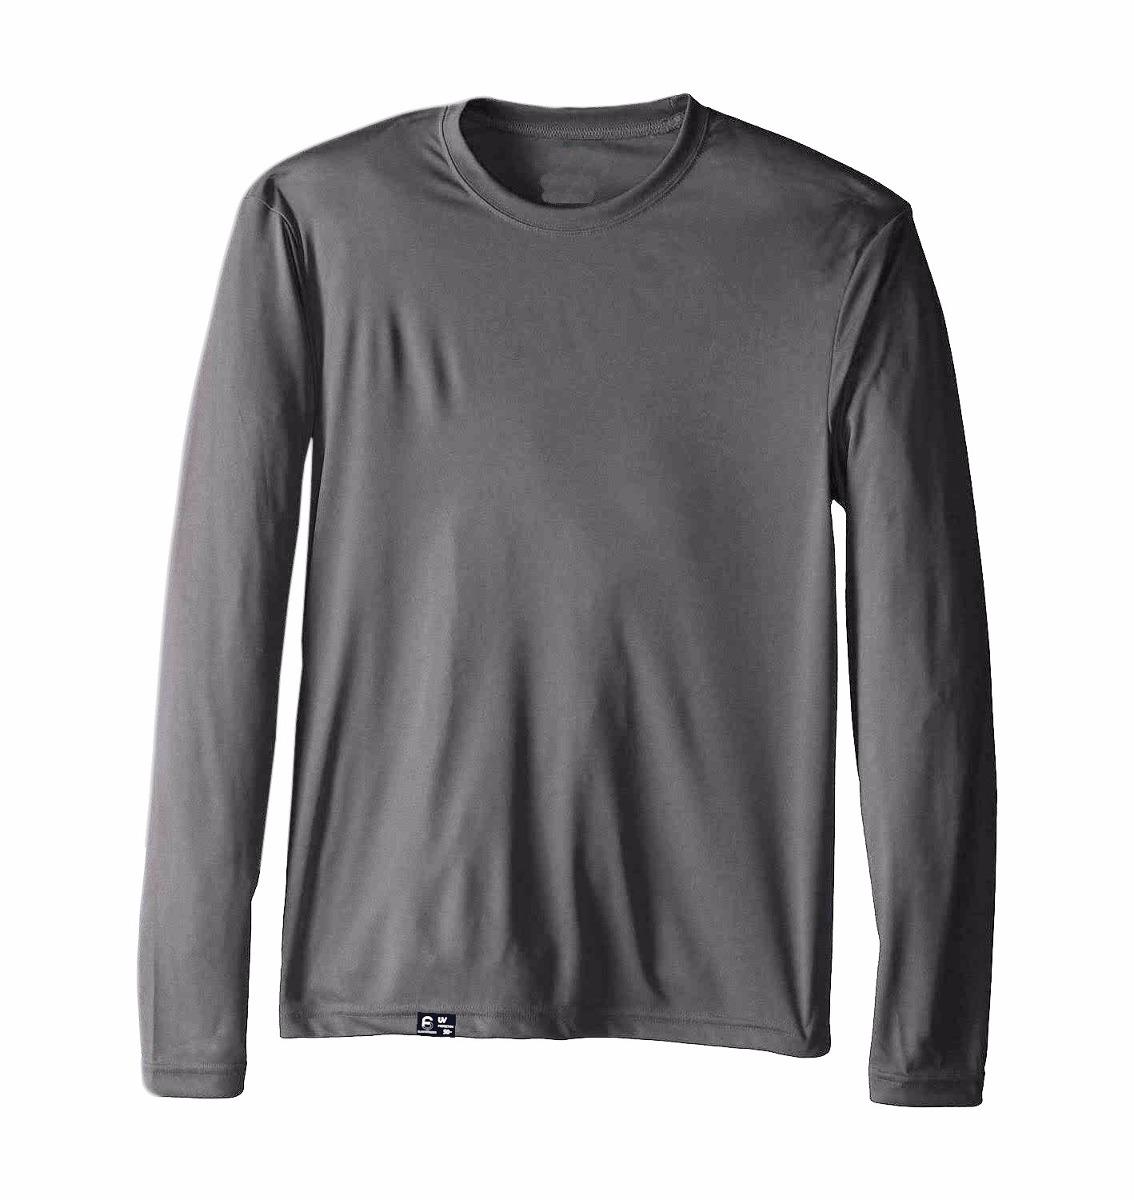 73a9d7da2e Kit Com 5 Camisetas Proteçao Solar Uv 50 Pesca - R  206